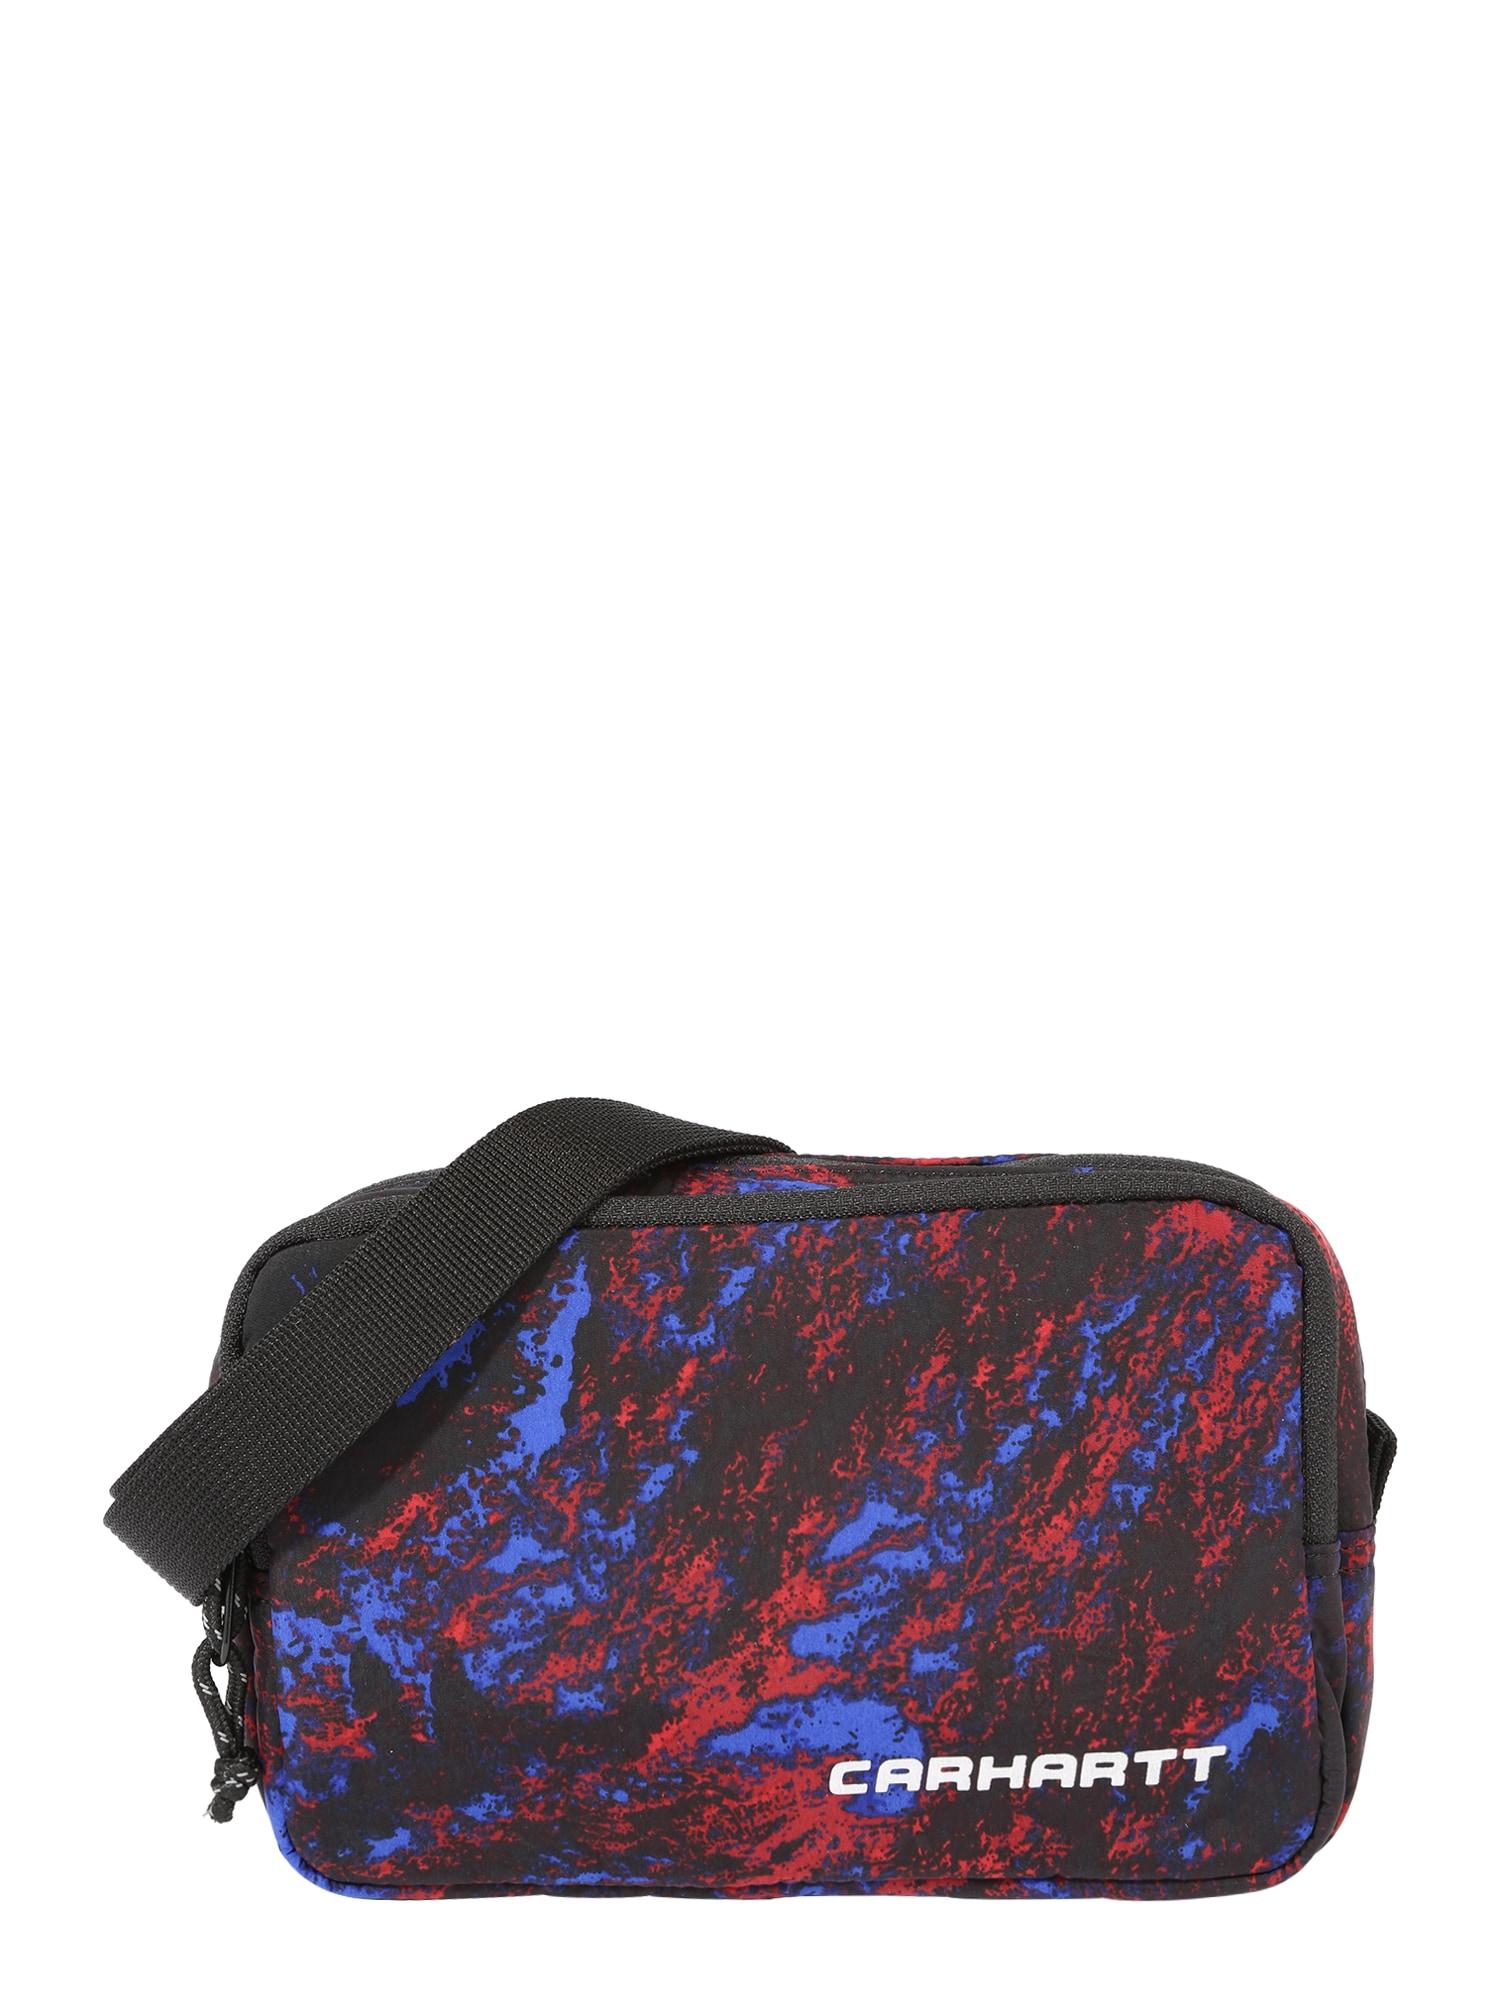 Carhartt WIP Rankinė su ilgu dirželiu 'Terra' juoda / mėlyna / raudona